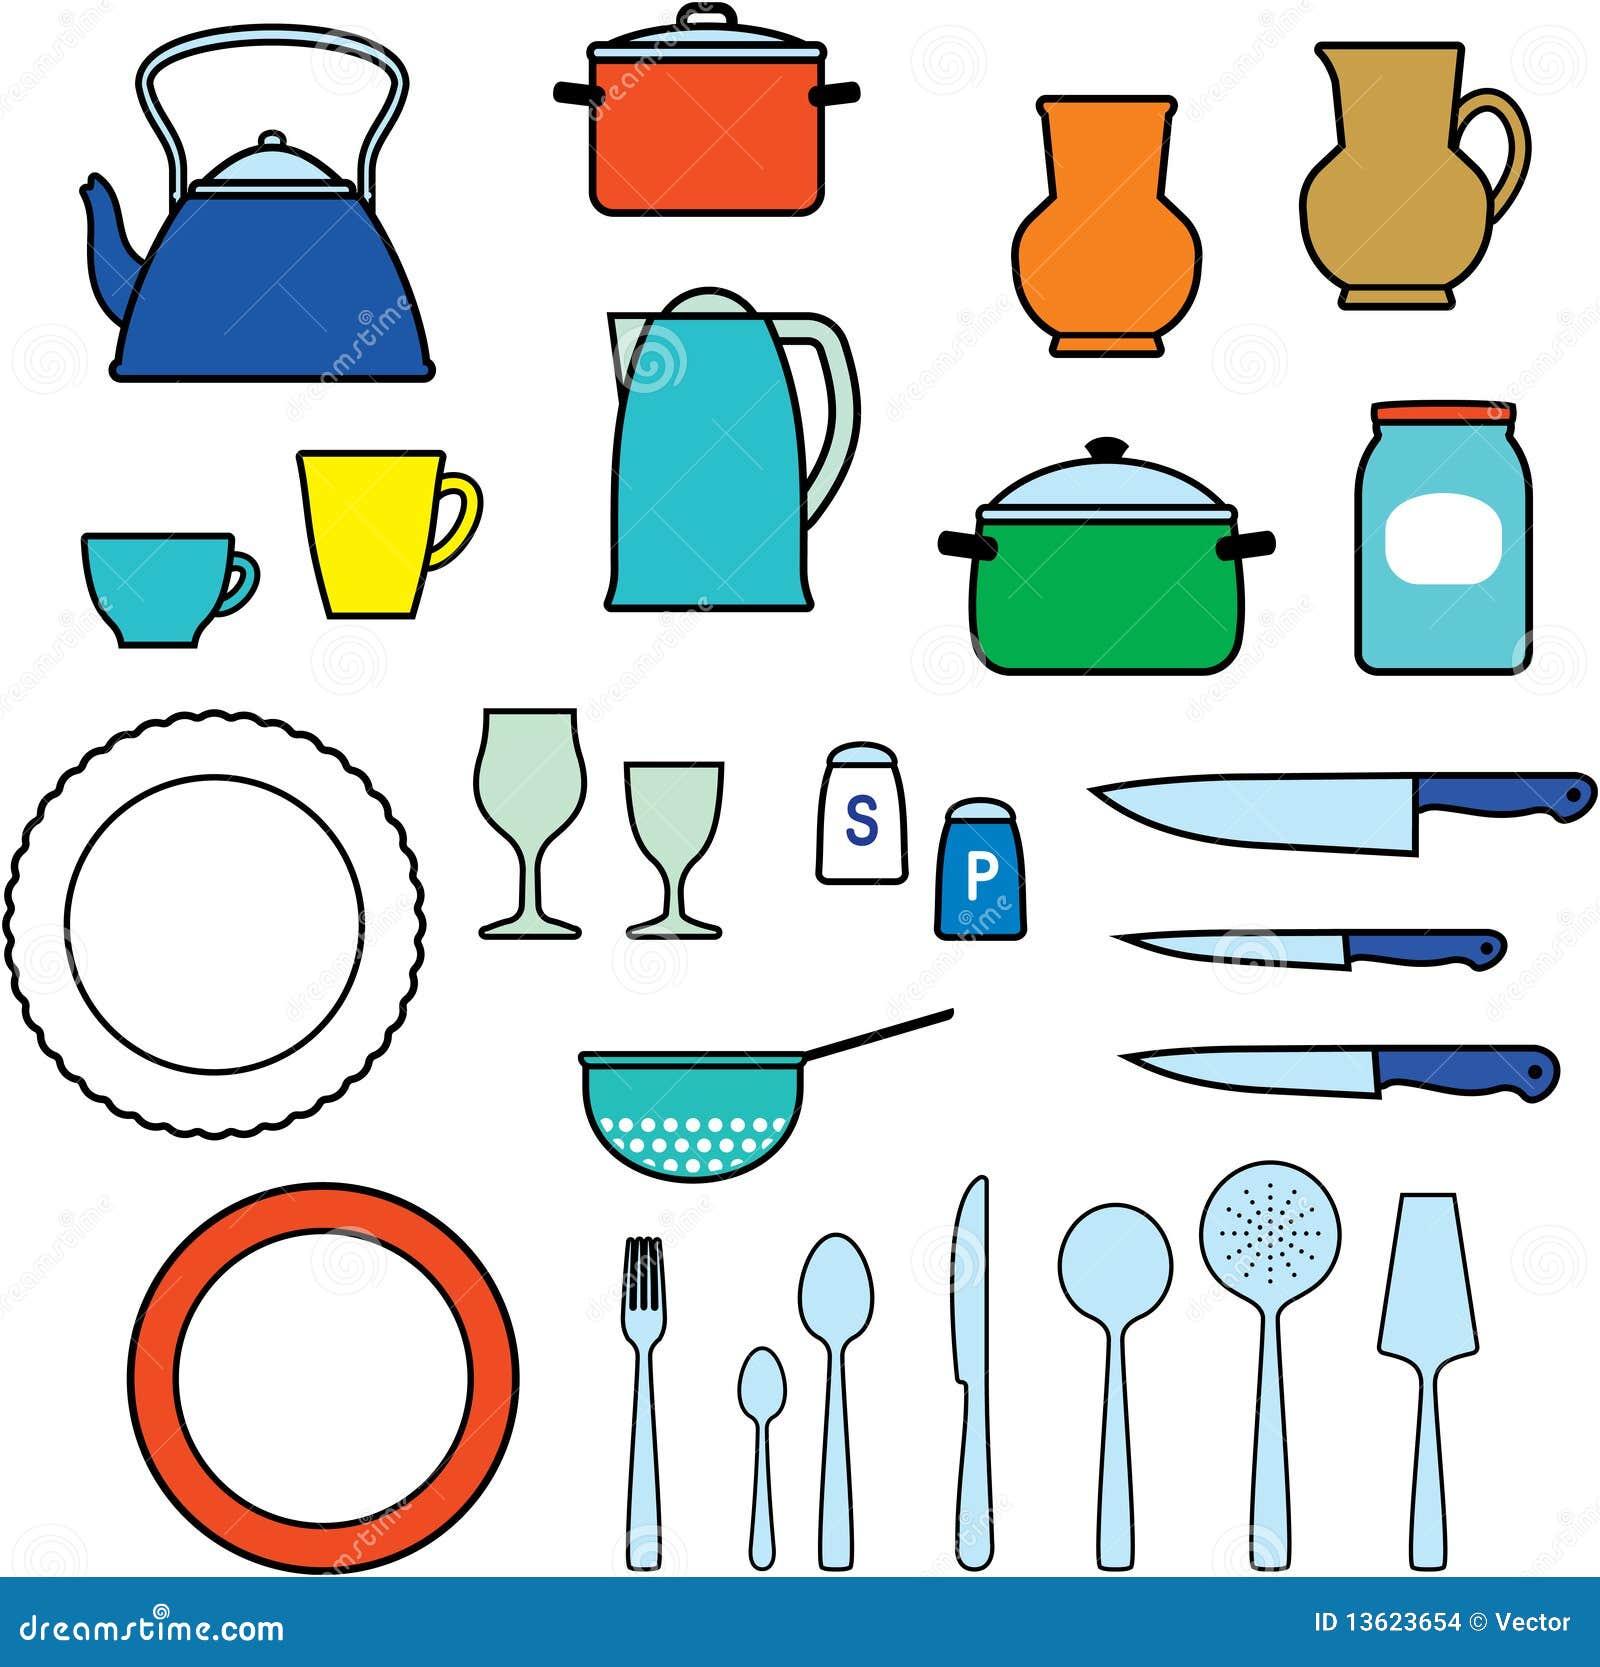 Utensilios de comida y culinaria utensilios de comida for Utensilios para cocina